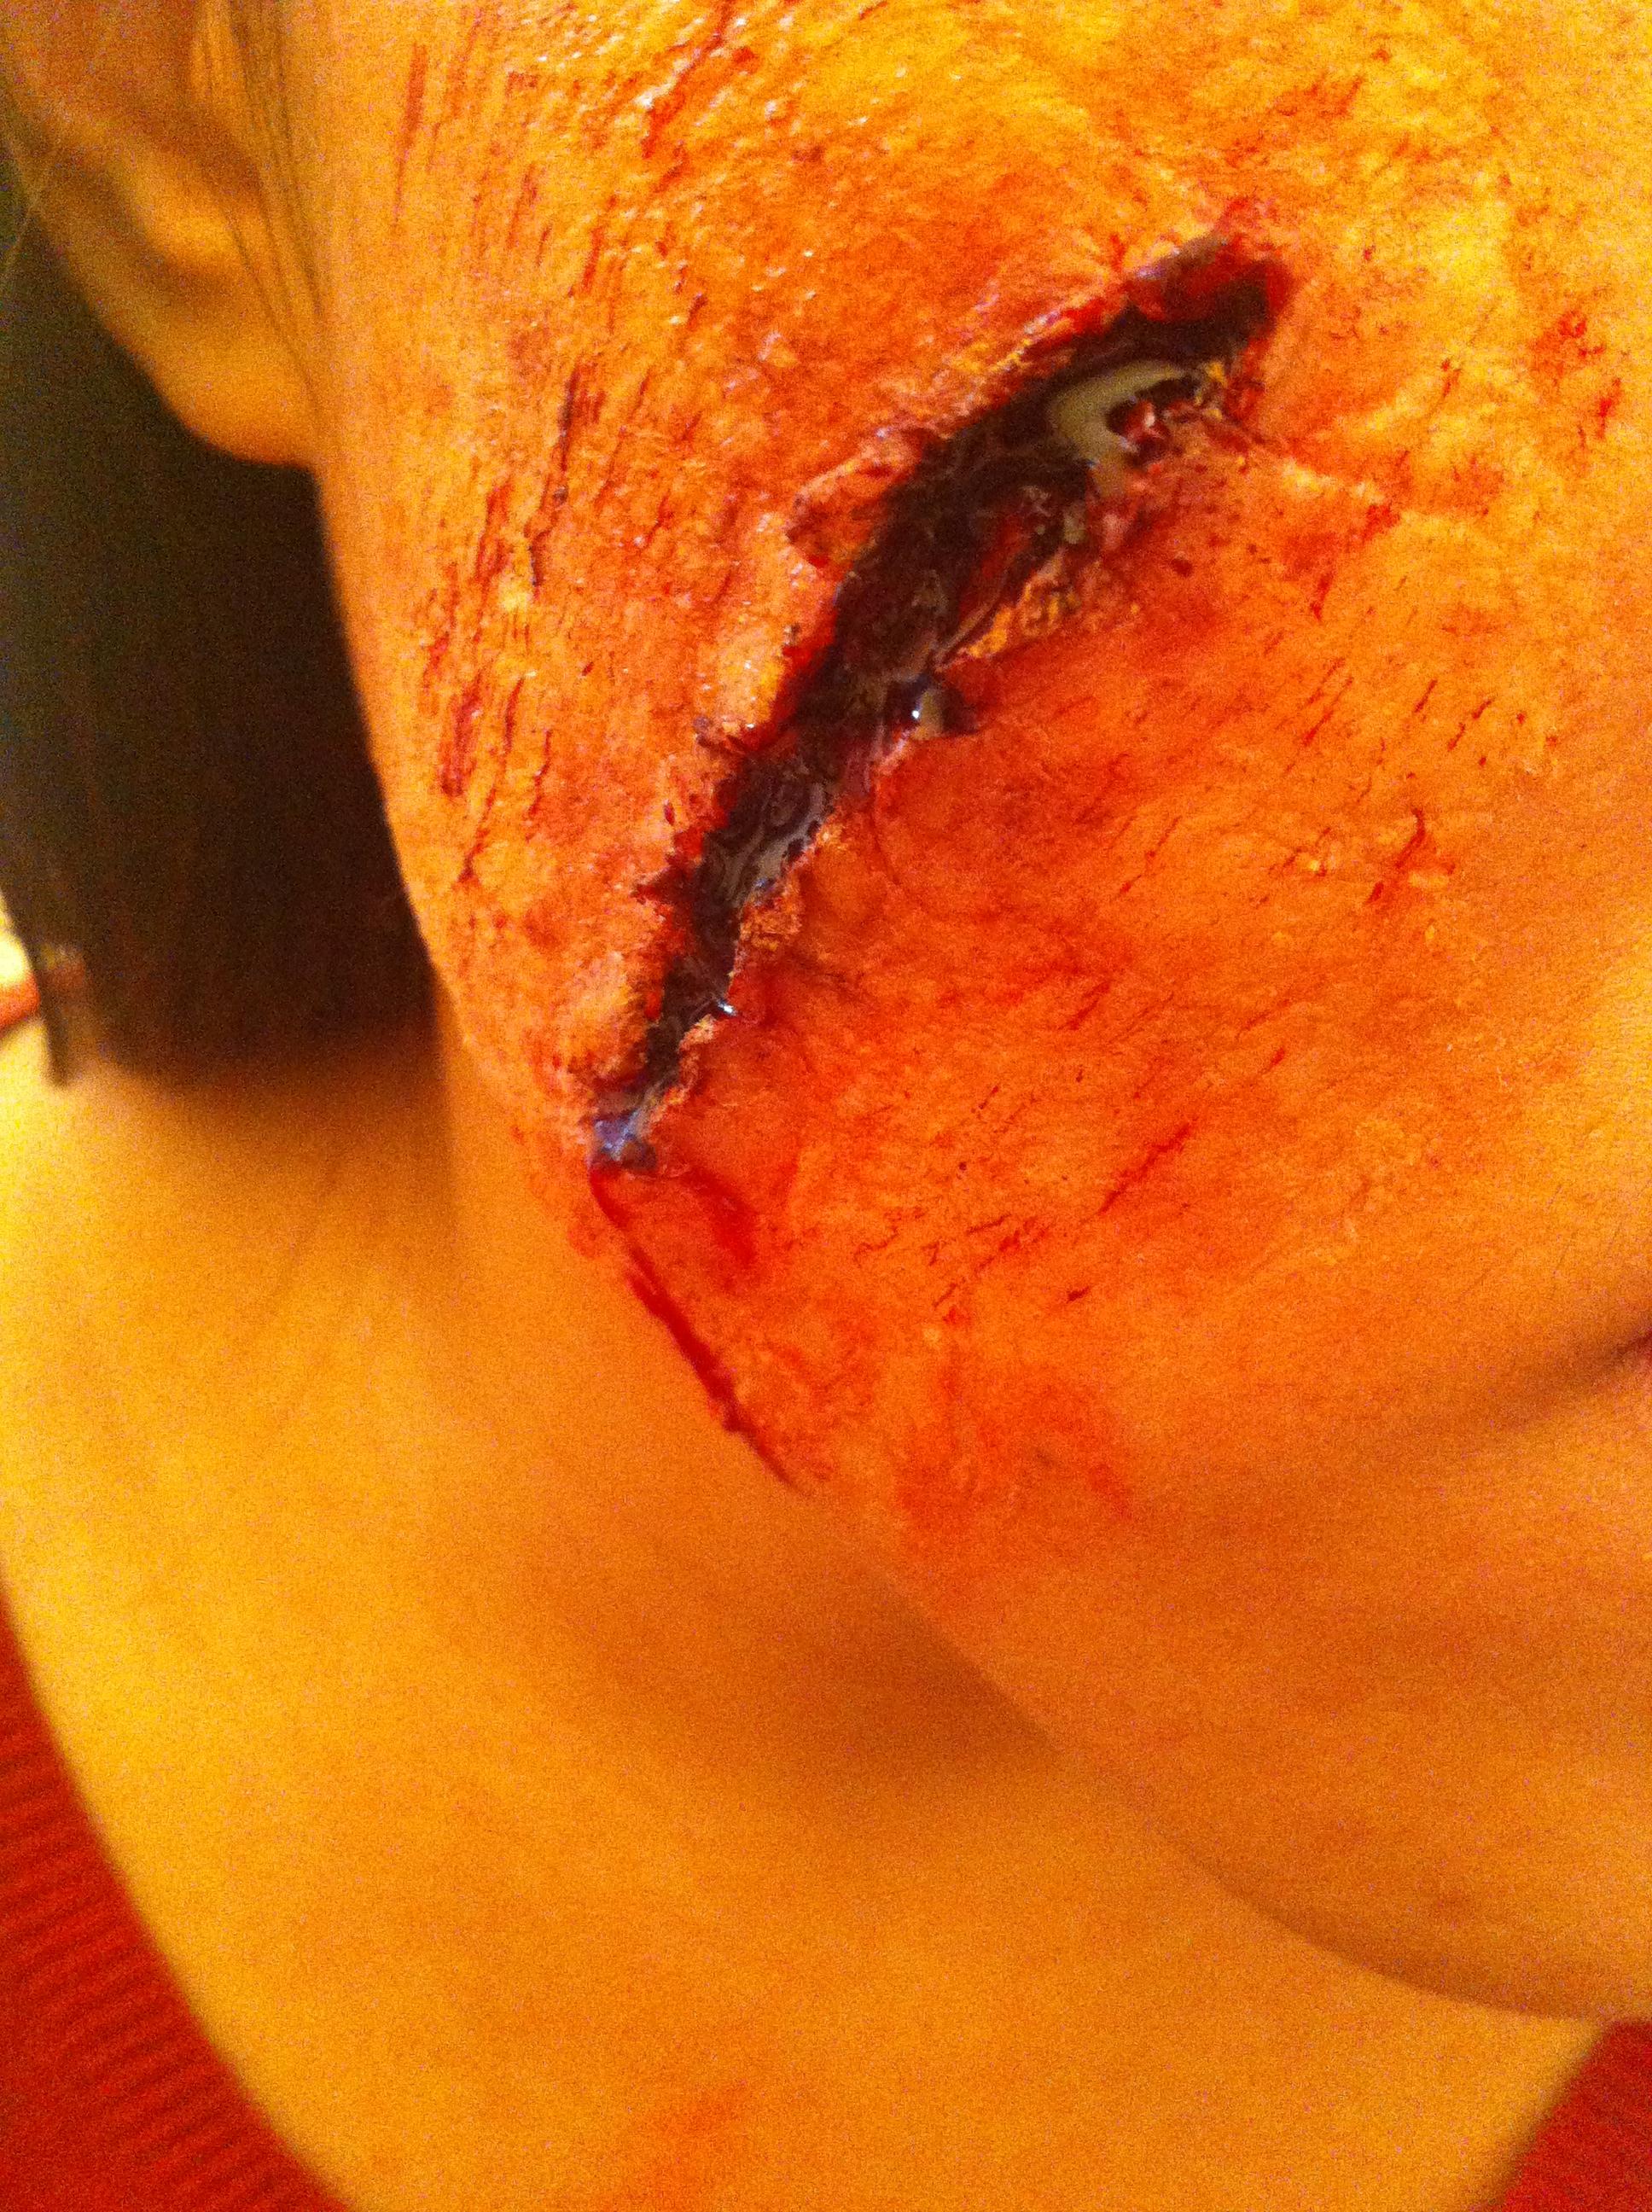 Wax cut